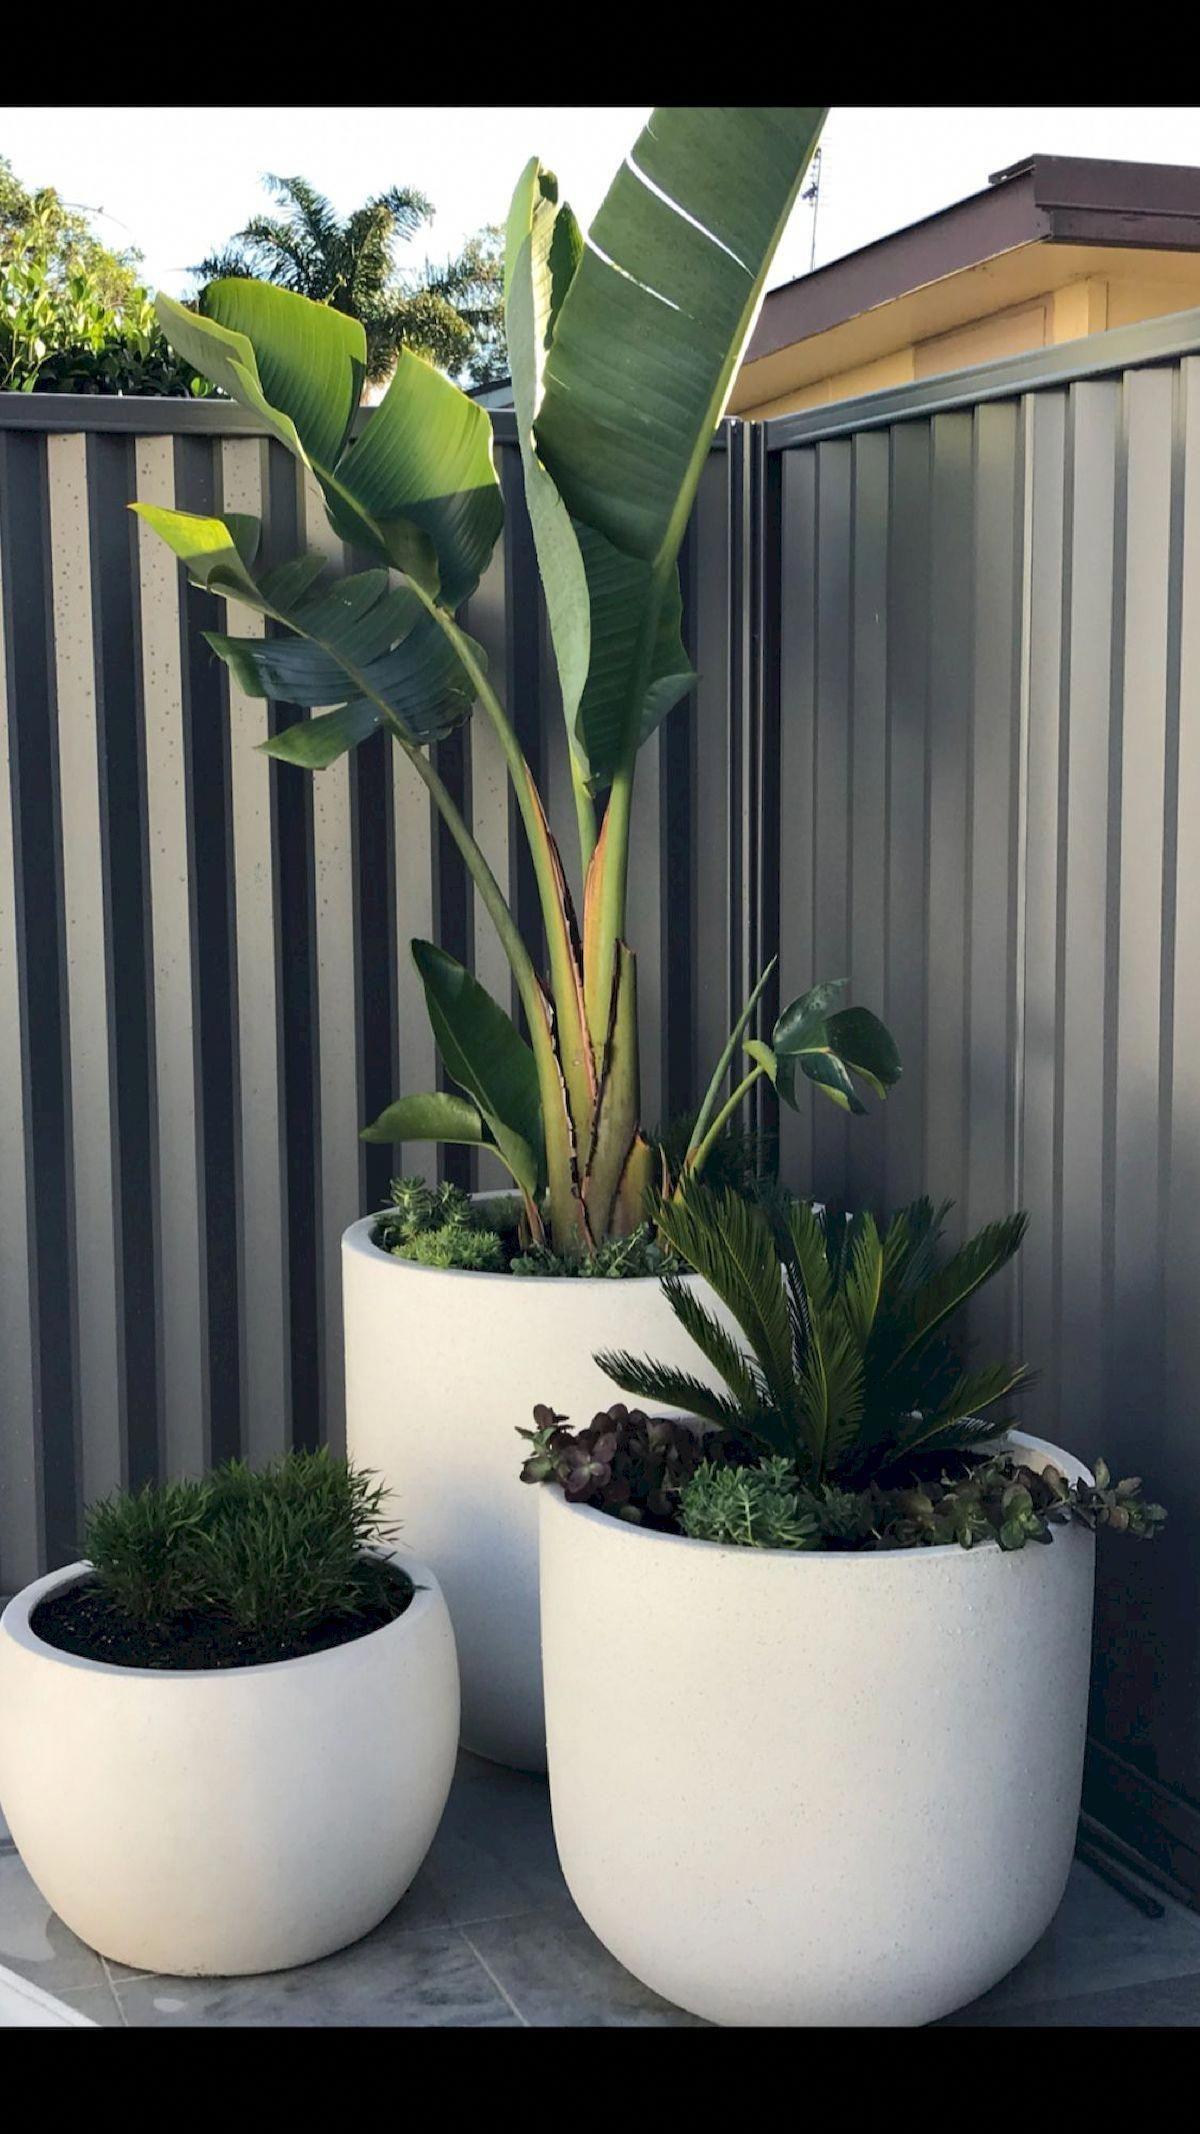 front garden design ideas australia #Gardendesignideas